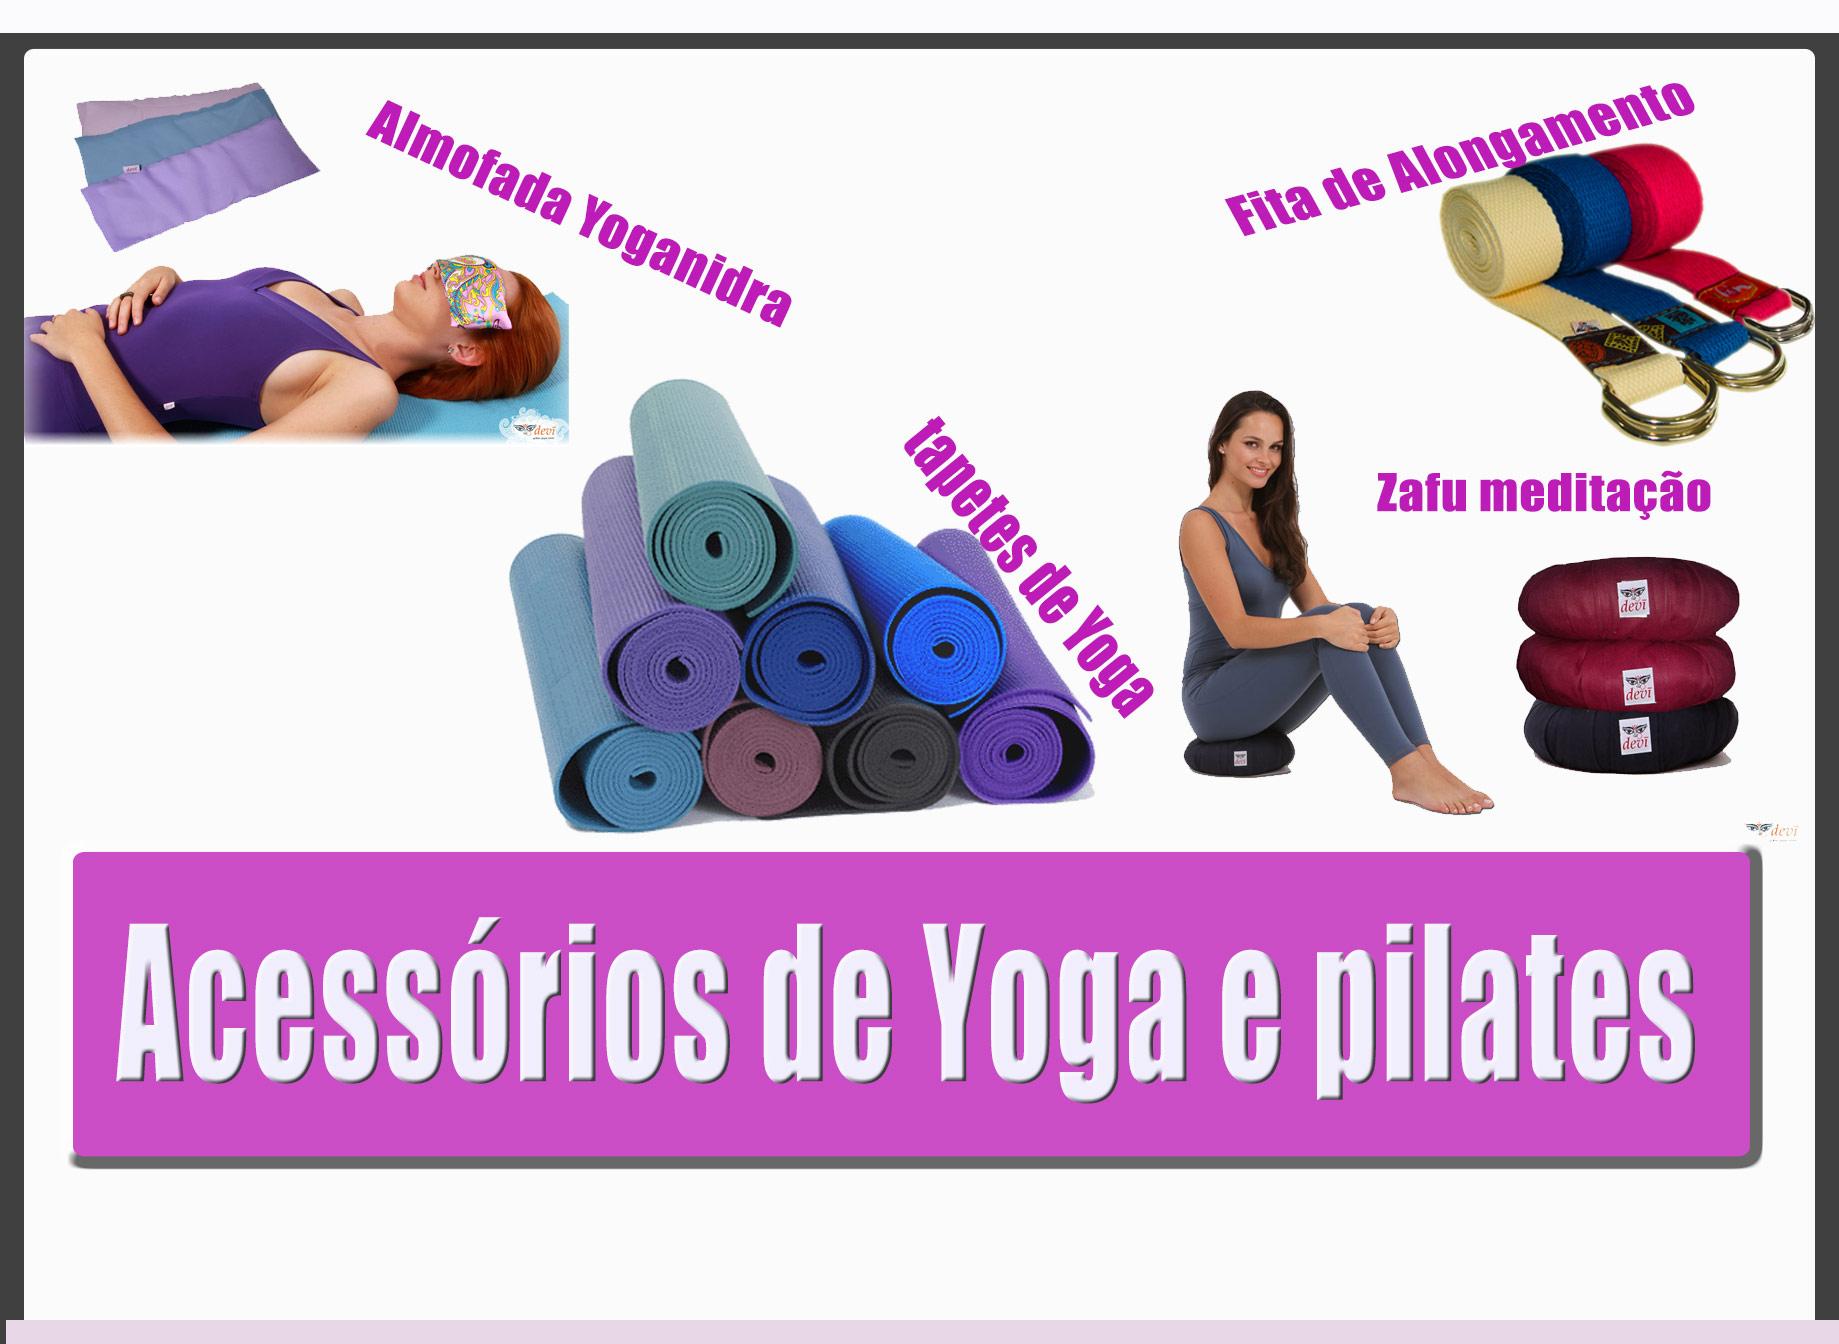 Acessórios de Yoga e Pilates